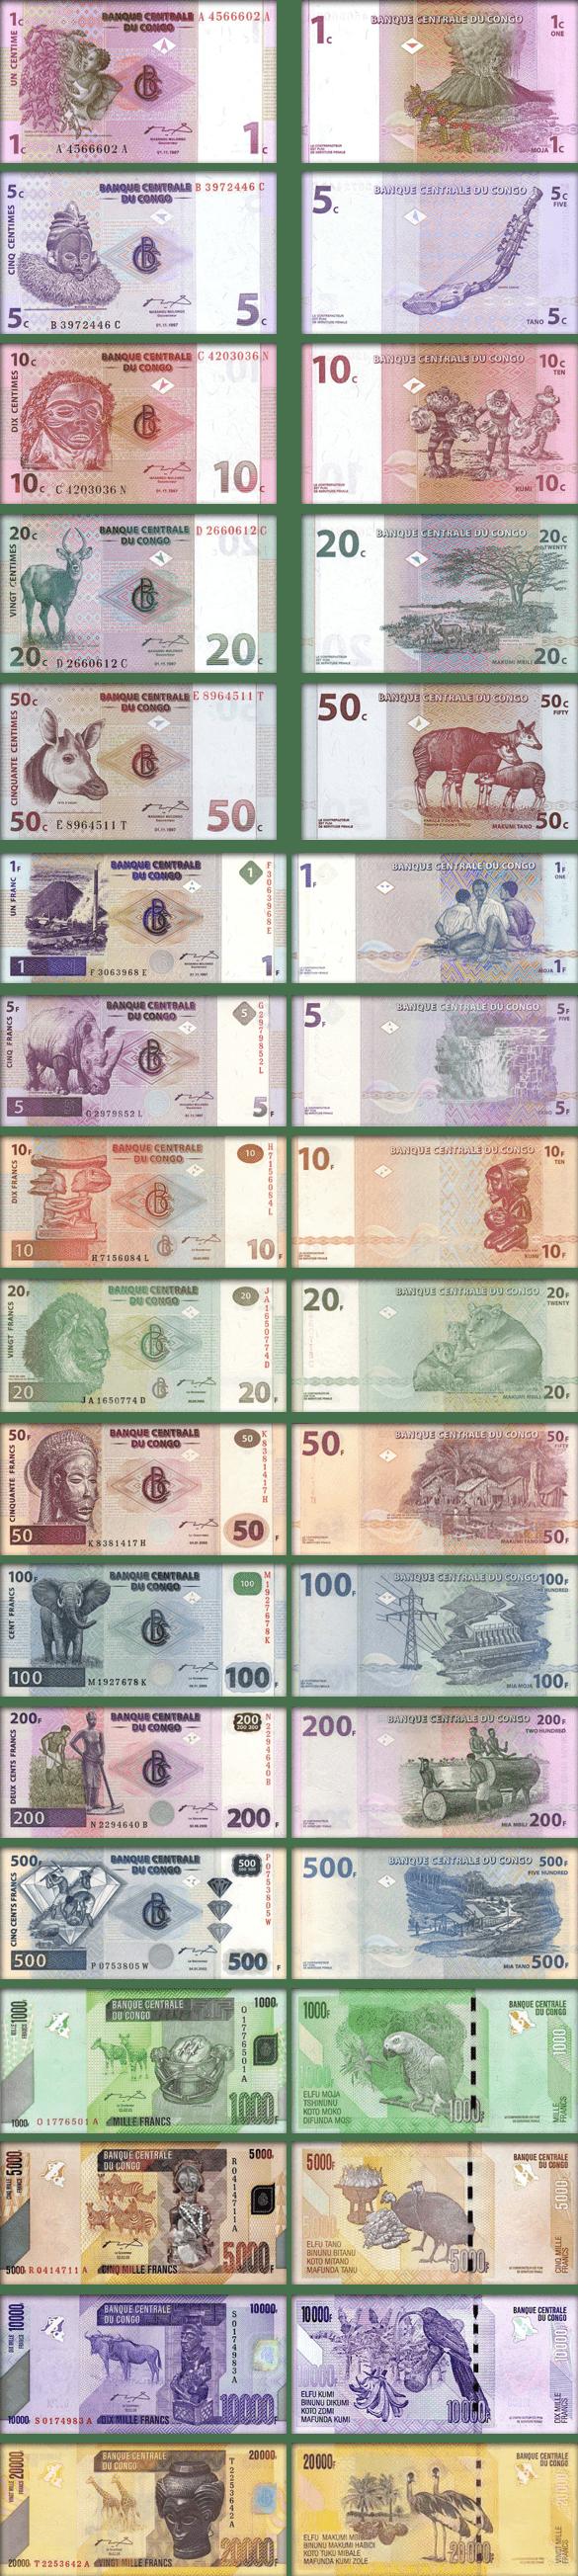 валюта ДК Конго